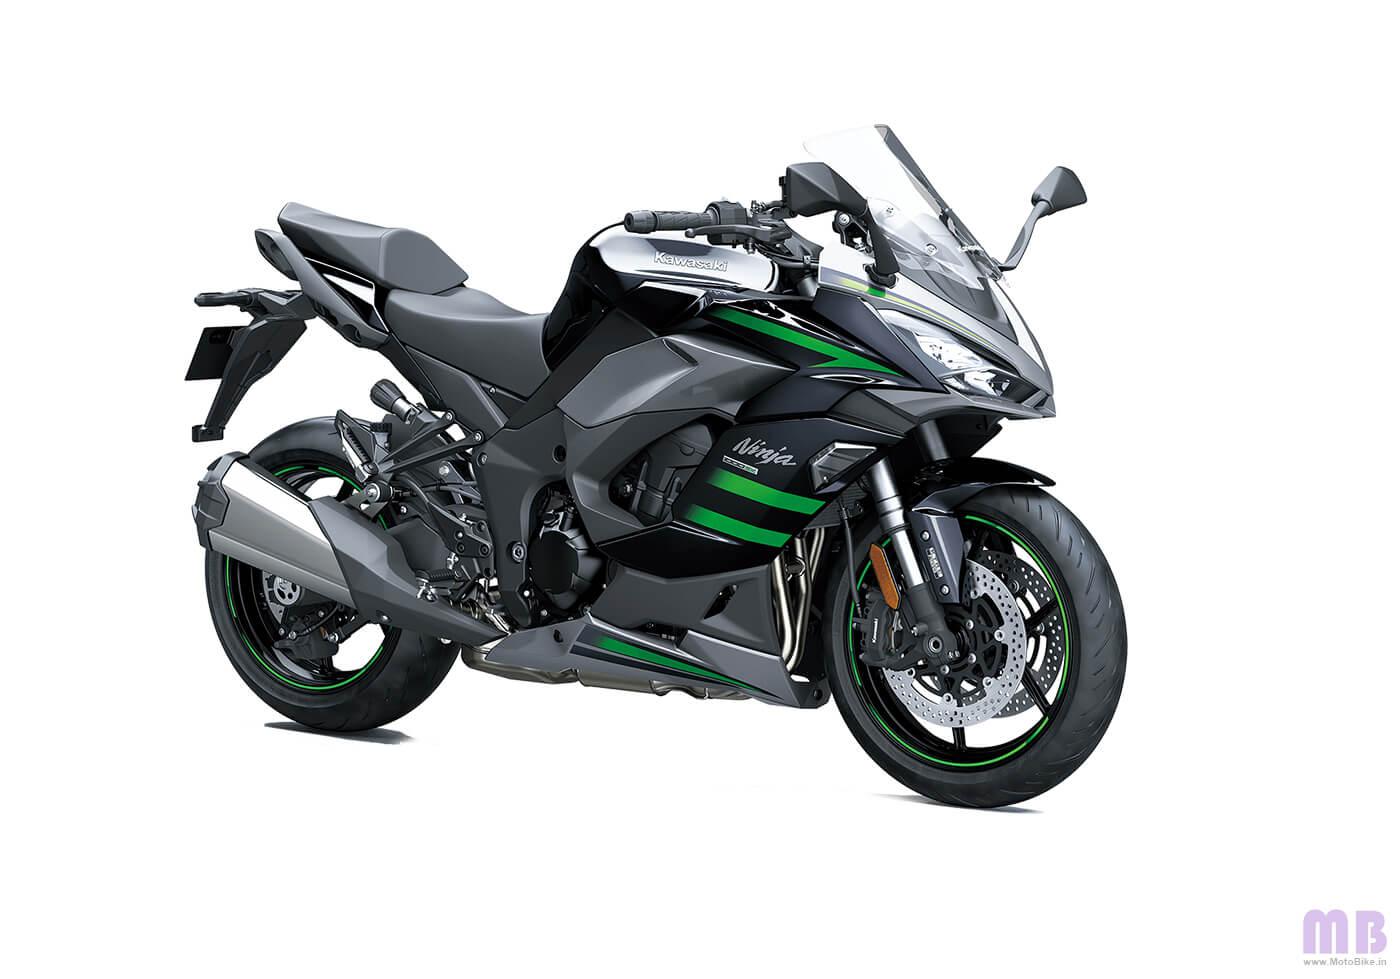 Kawasaki Ninja 1000SX - Metallic Graphite Gray